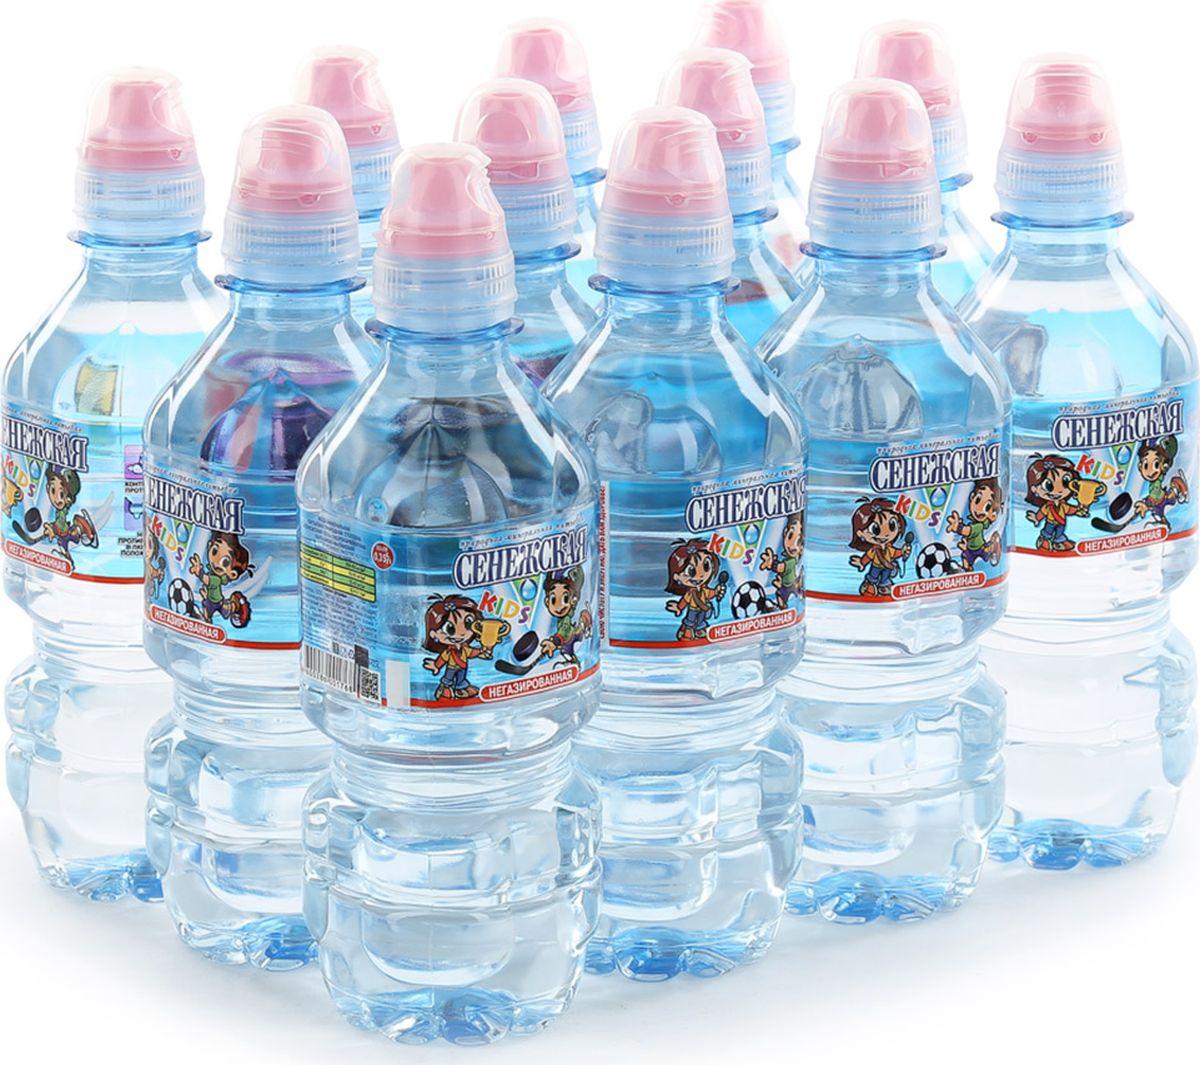 Сенежская KIDS Вода негазированная, 12 шт по 0,35 л вода сенежская без газа 1 5 л 6шт